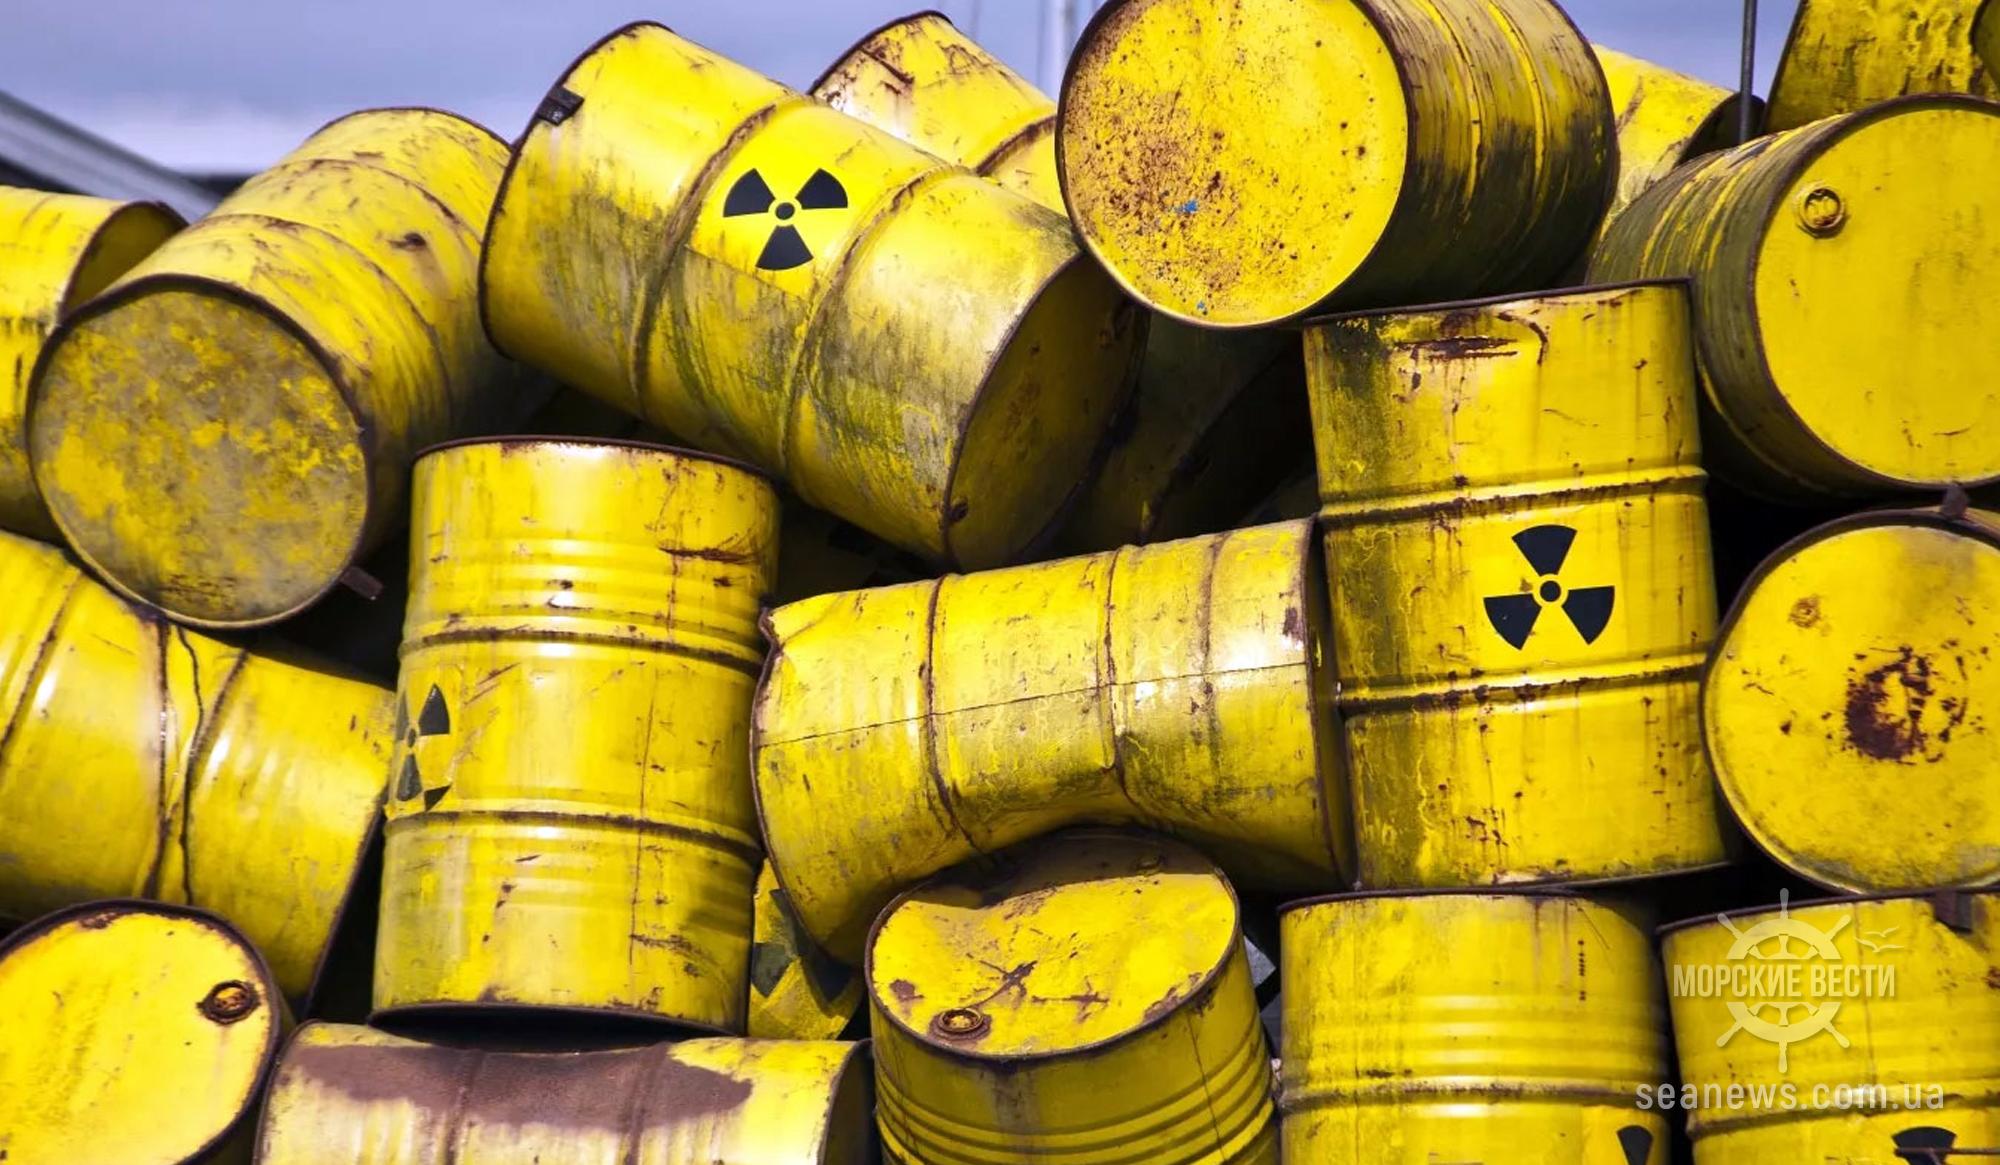 Япония окончательно решила слить в море миллион литров радиоактивных отходов